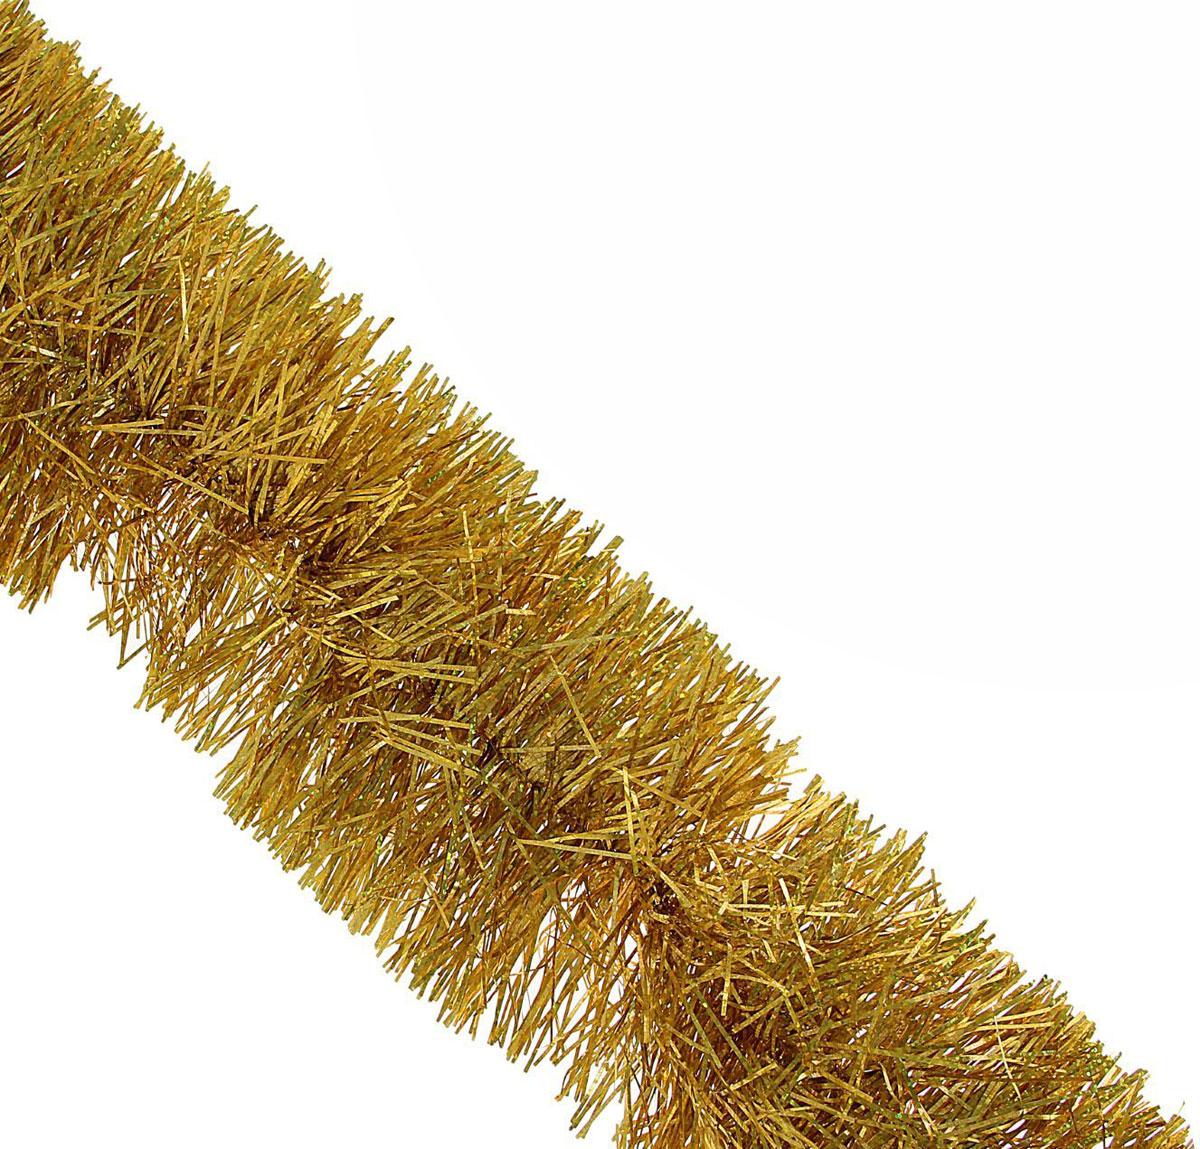 Мишура новогодняя Sima-land, цвет: золотистый, диаметр 12 см, длина 2 м. 702584702584Мишура новогодняя Sima-land, выполненная из фольги, поможет вам украсить свой дом к предстоящим праздникам. Мишура армирована, то есть имеет проволоку внутри и способна сохранять приданную ей форму. Новогодняя елка с таким украшением станет еще наряднее. Новогодней мишурой можно украсить все, что угодно - елку, квартиру, дачу, офис - как внутри, так и снаружи. Можно сложить новогодние поздравления, буквы и цифры, мишурой можно украсить и дополнить гирлянды, можно выделить дверные колонны, оплести дверные проемы.